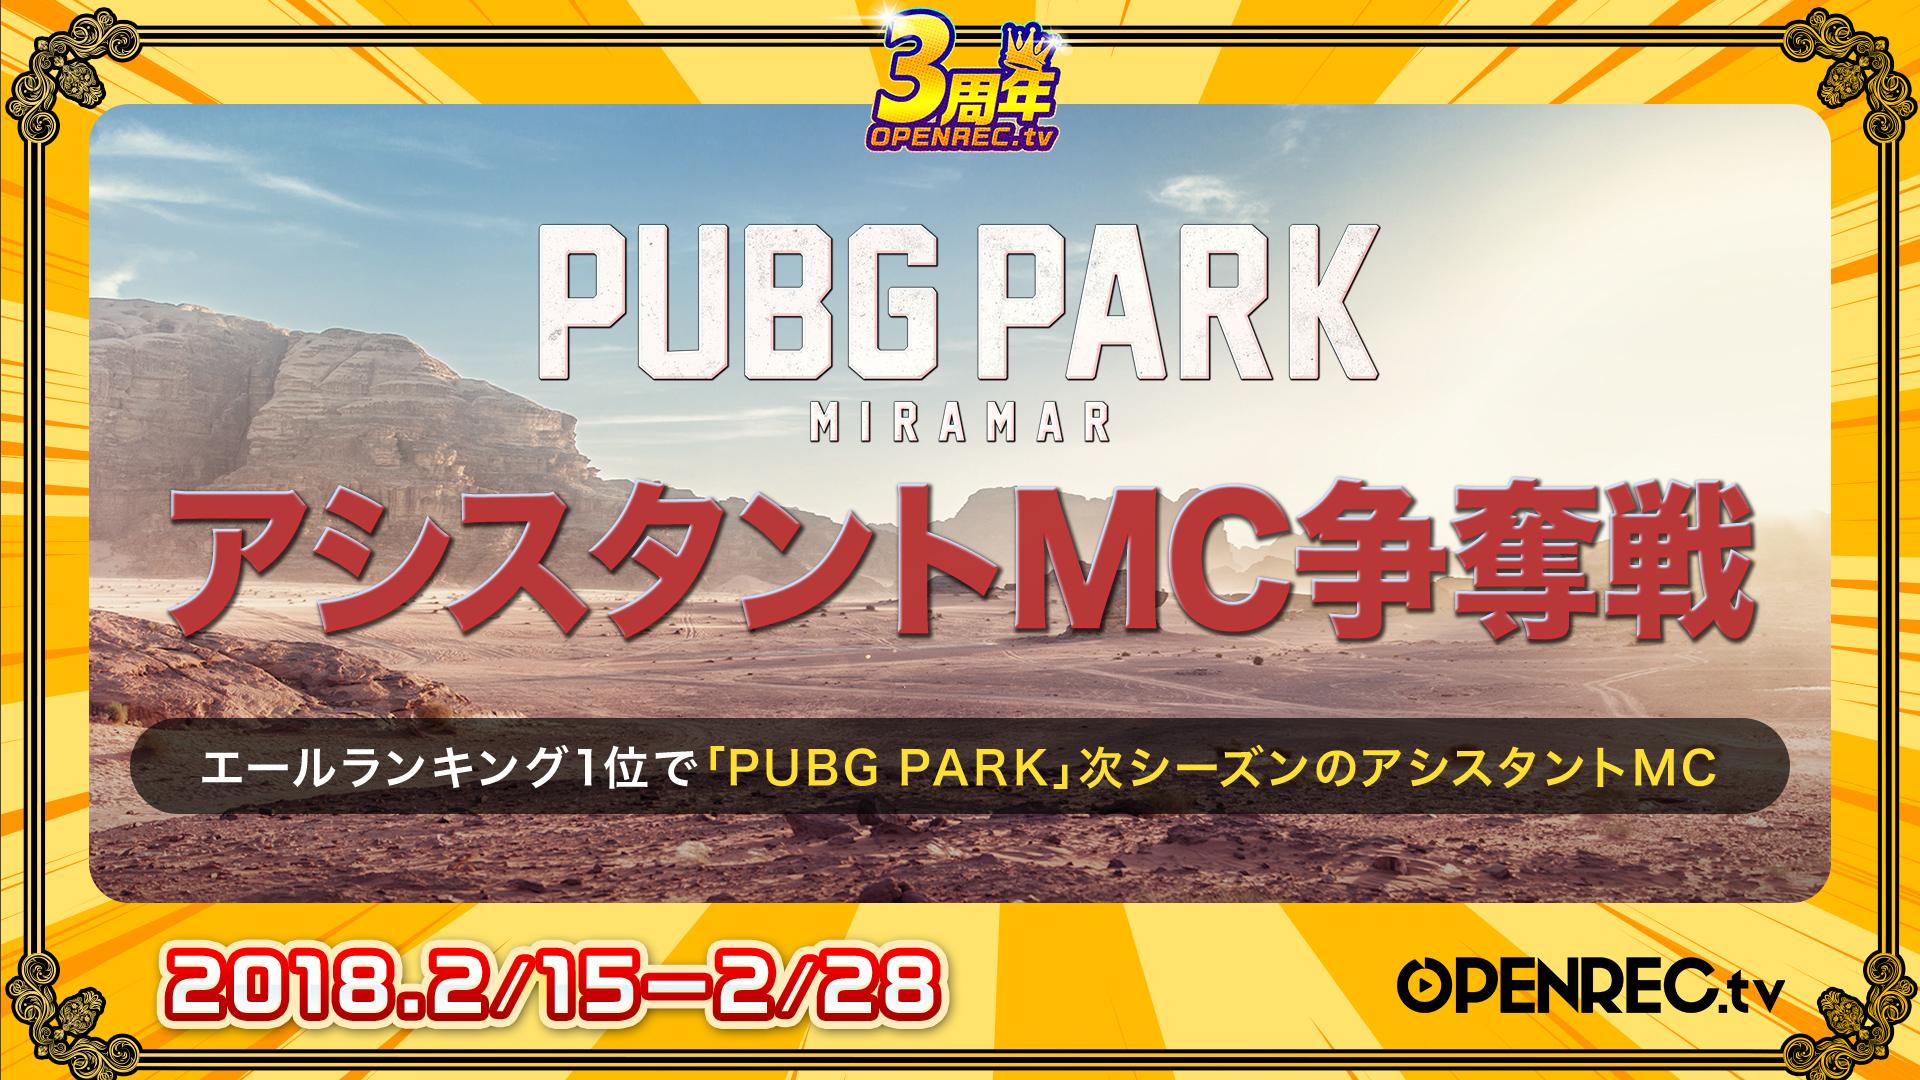 【配信者応援エールキャンペーン】PUBG PARKアシスタントMC争奪戦(参加には応募必須)